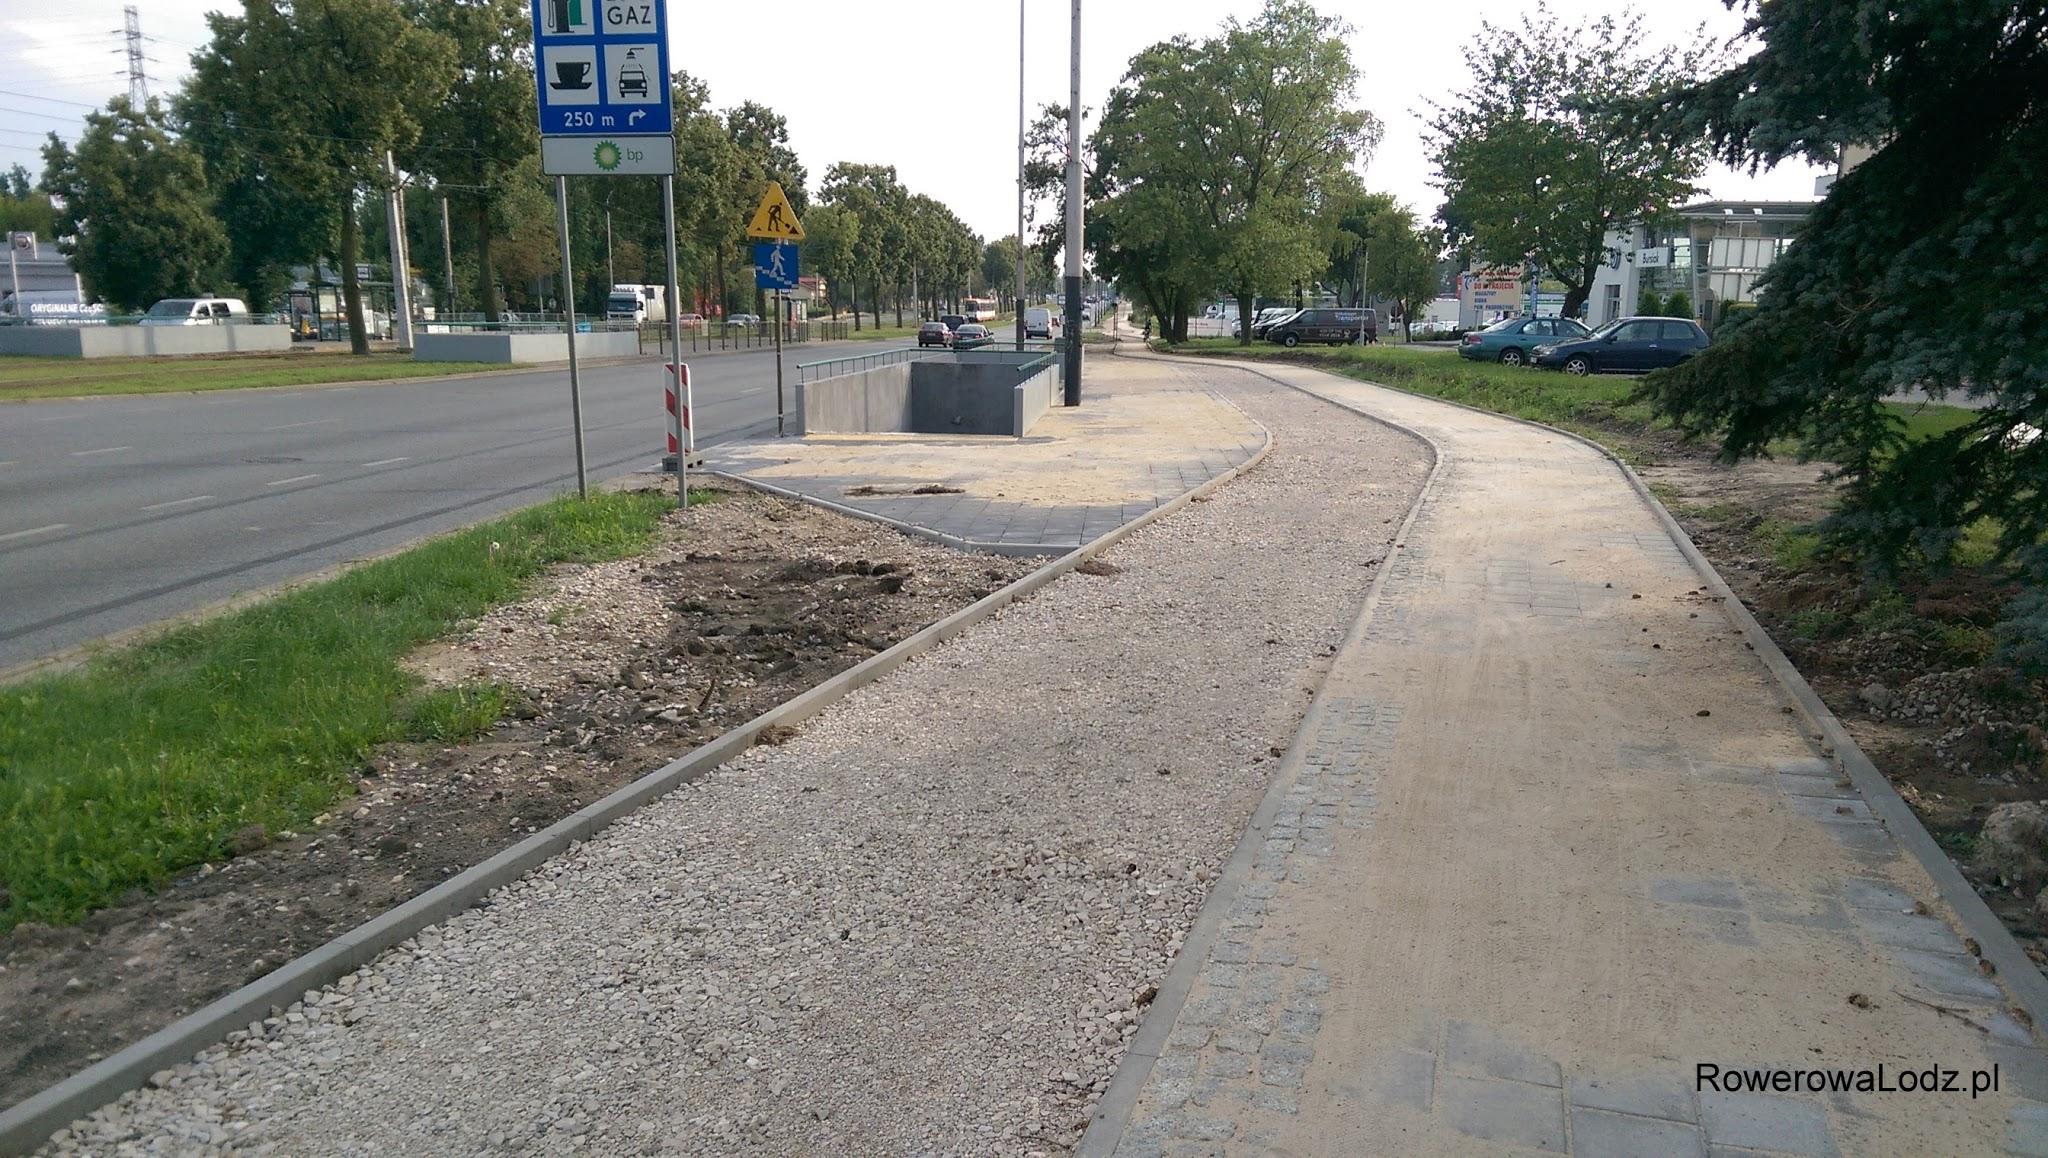 Od tego momentu zaczyna się fragment, któremu brakuje jedynie asfaltu